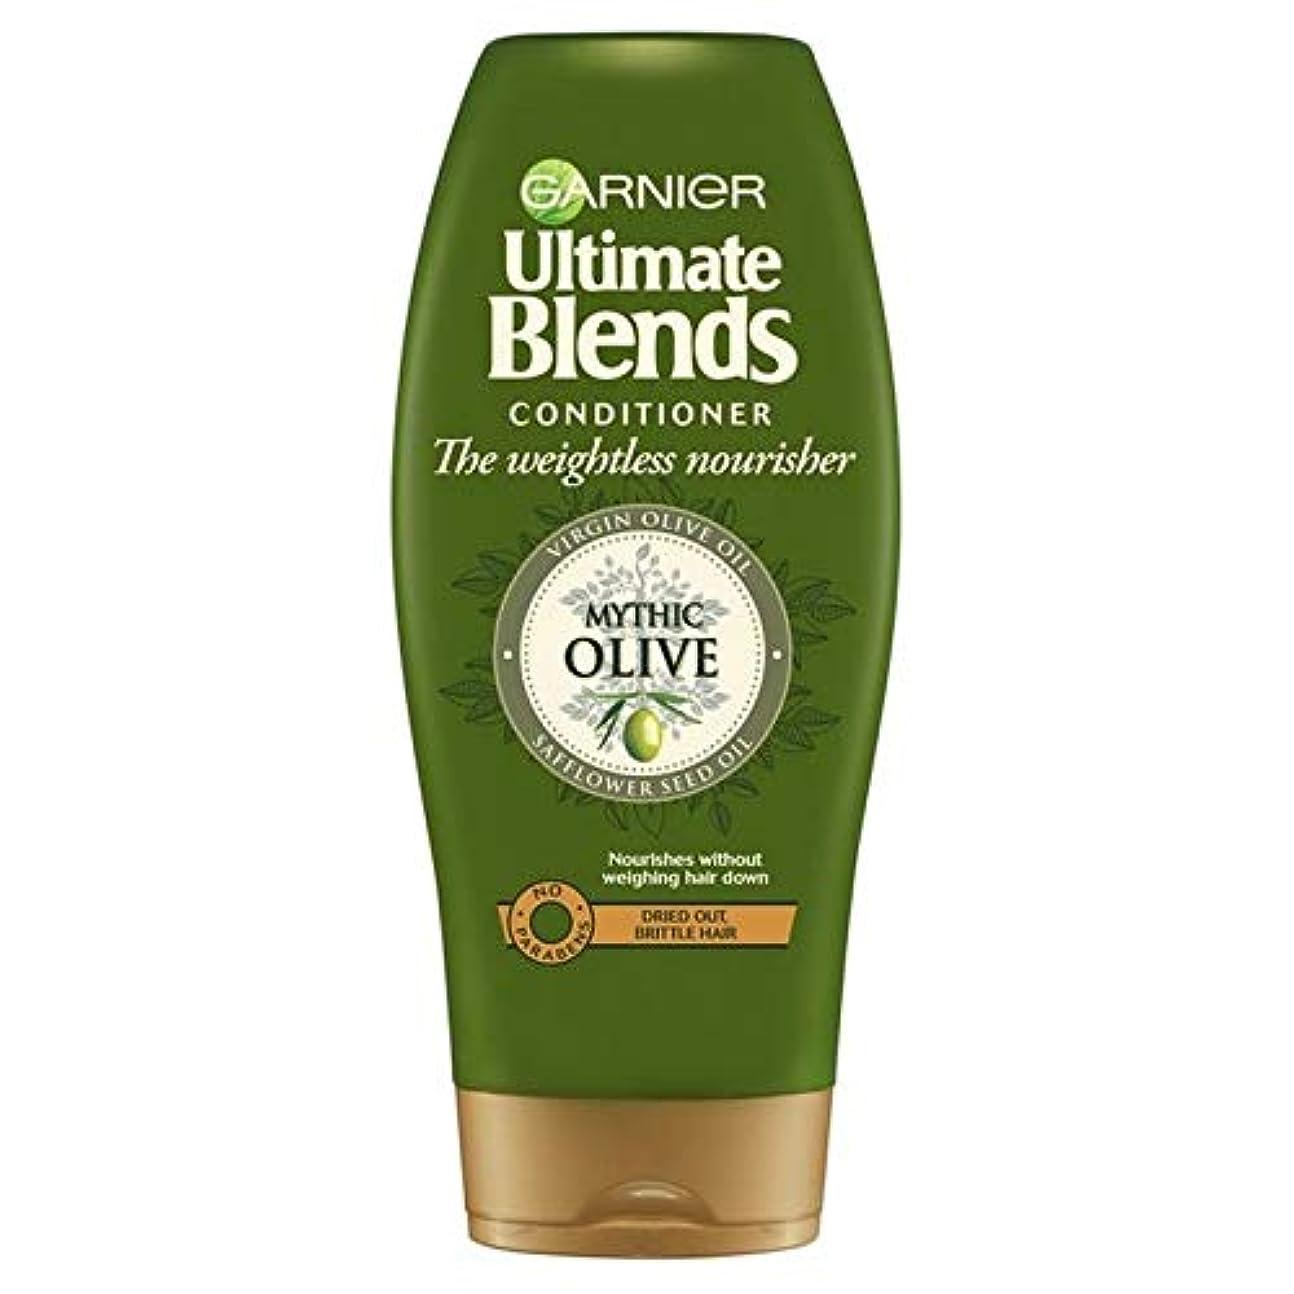 トーナメント贈り物参加する[Garnier ] ガルニエ究極のオリーブオイルドライヘアコンディショナー360ミリリットルをブレンド - Garnier Ultimate Blends Olive Oil Dry Hair Conditioner...